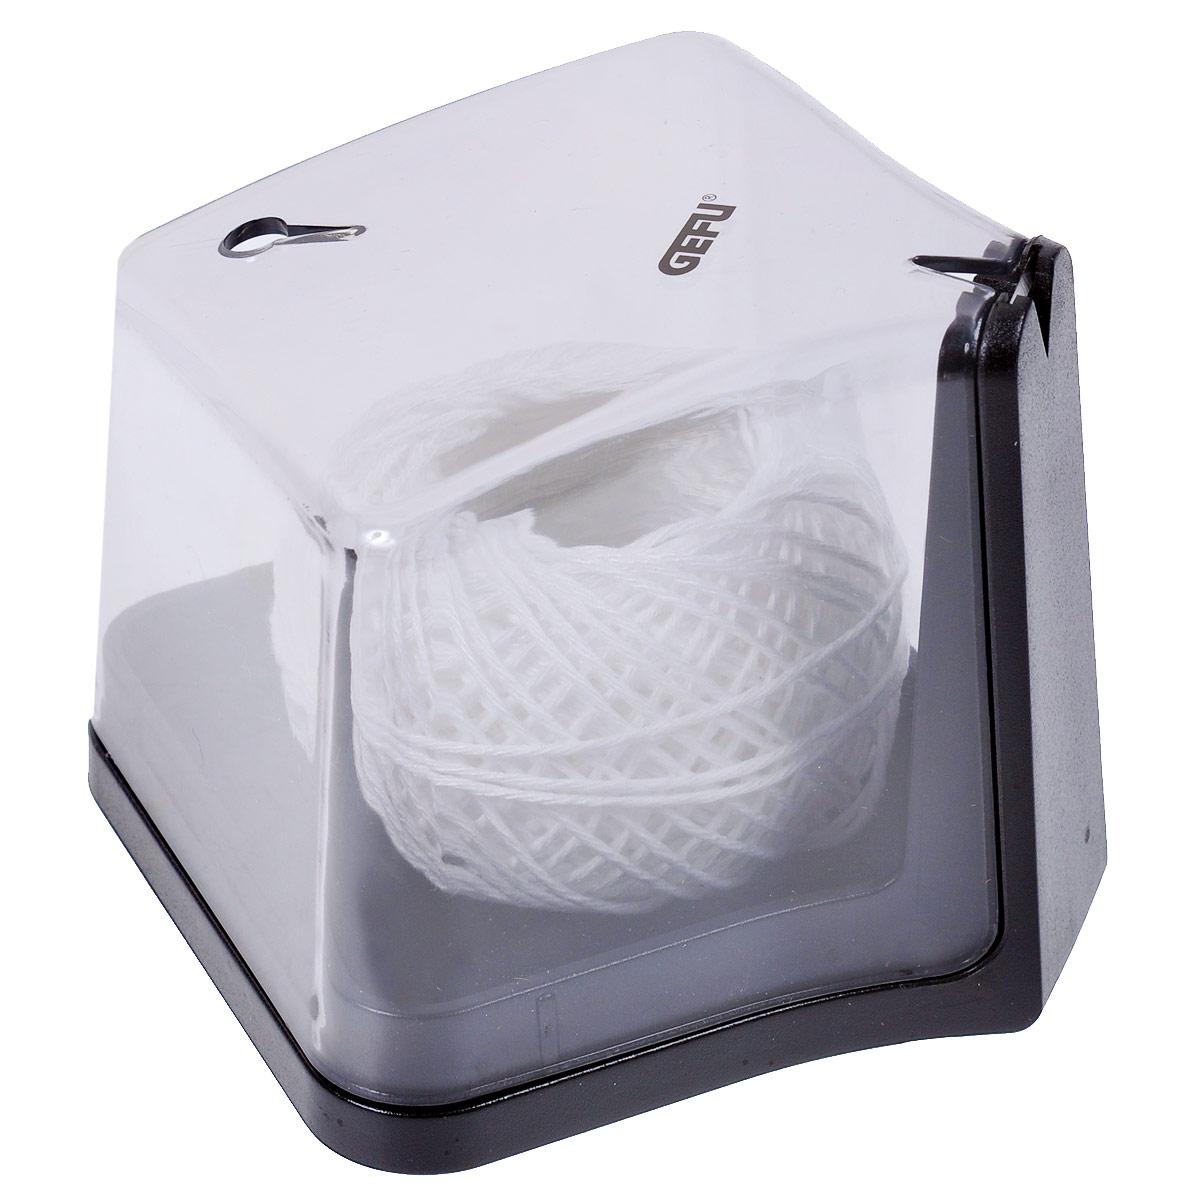 Диспенсер для пищевой нити Gefu12920Диспенсер с контейнером для гигиенического хранения пищевой нити, сохранит нить от загрязнения и микробов. Диспенсер выполнен из прочного пластика черного цвета с устойчивым дном. Просто вытяните из диспансера нить требуемой длины и обрежьте ее при помощи встроенного лезвия. Специальный зажим на крышке фиксирует конец нити, что упрощает последующее ее использование. Характеристики: Материал: высококачественный пластик, нержавеющая сталь. Размер диспенсера: 8,5 см х 8,5 см х 8. Длина нити: 25 м. Цвет: серебристый, черный. Артикул: 12920.